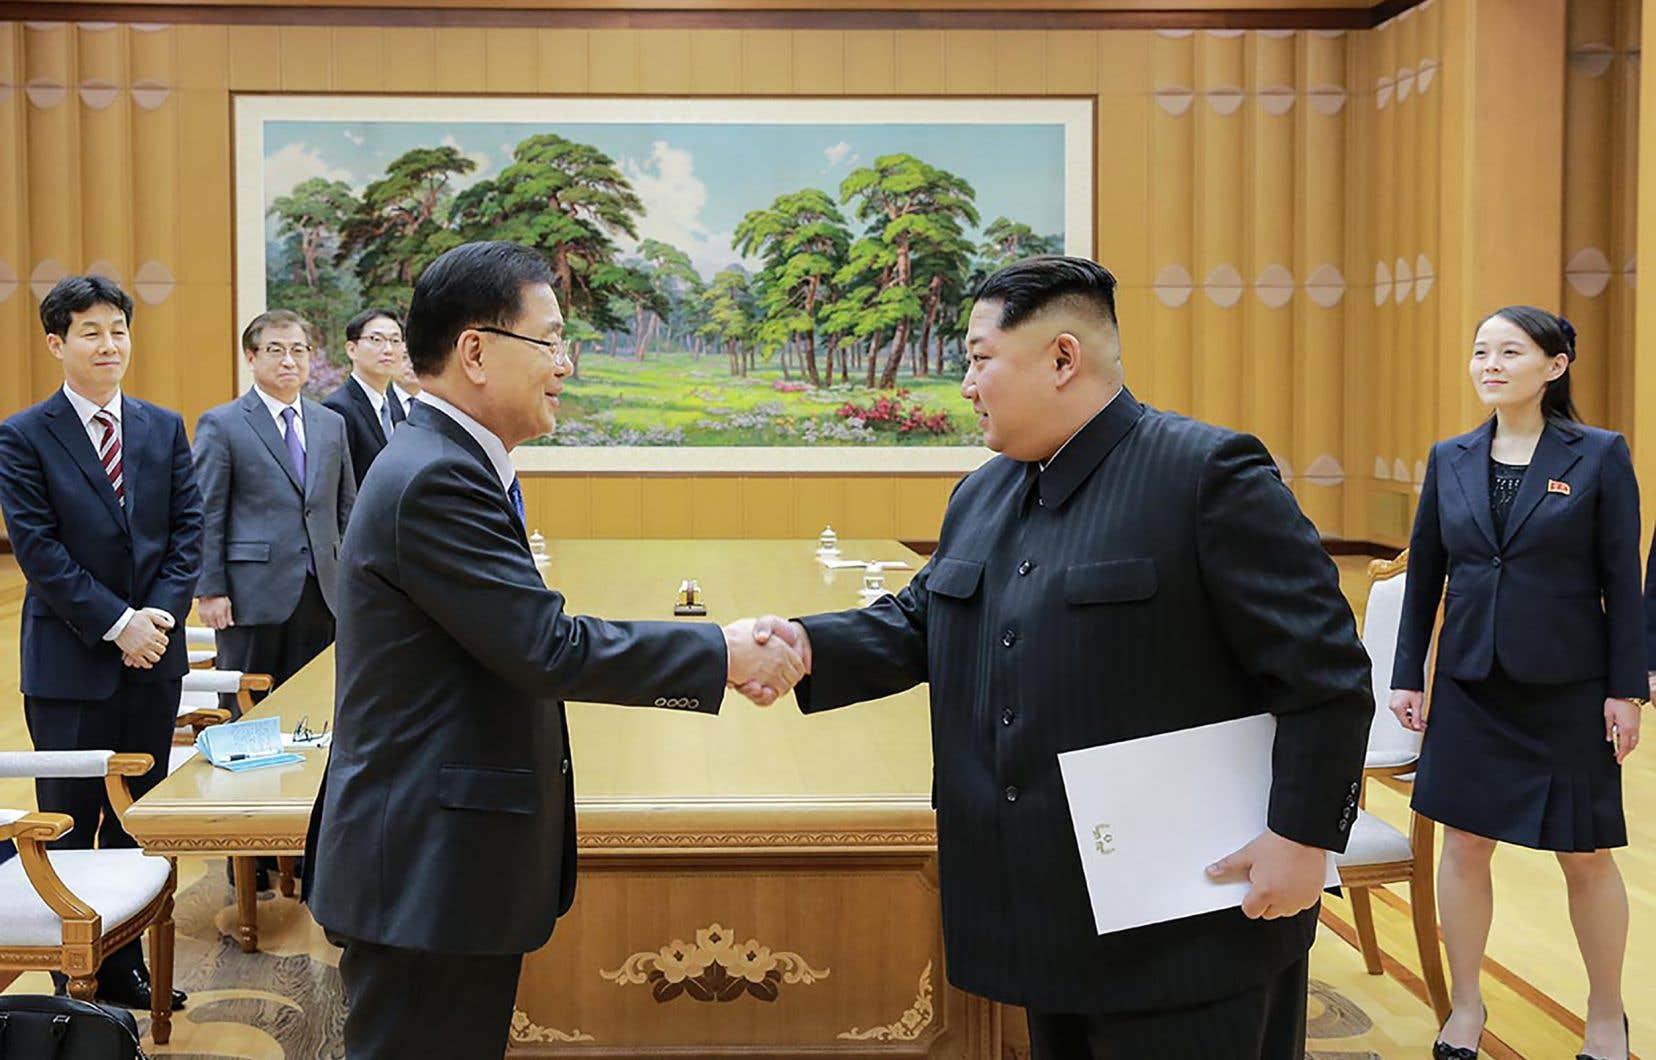 Le dirigeant nord-coréen Kim Jong-un (à droite) serrant la main du chef de la délégation sud-coréenne Chung Eui-yong, le 5 mars 2017.